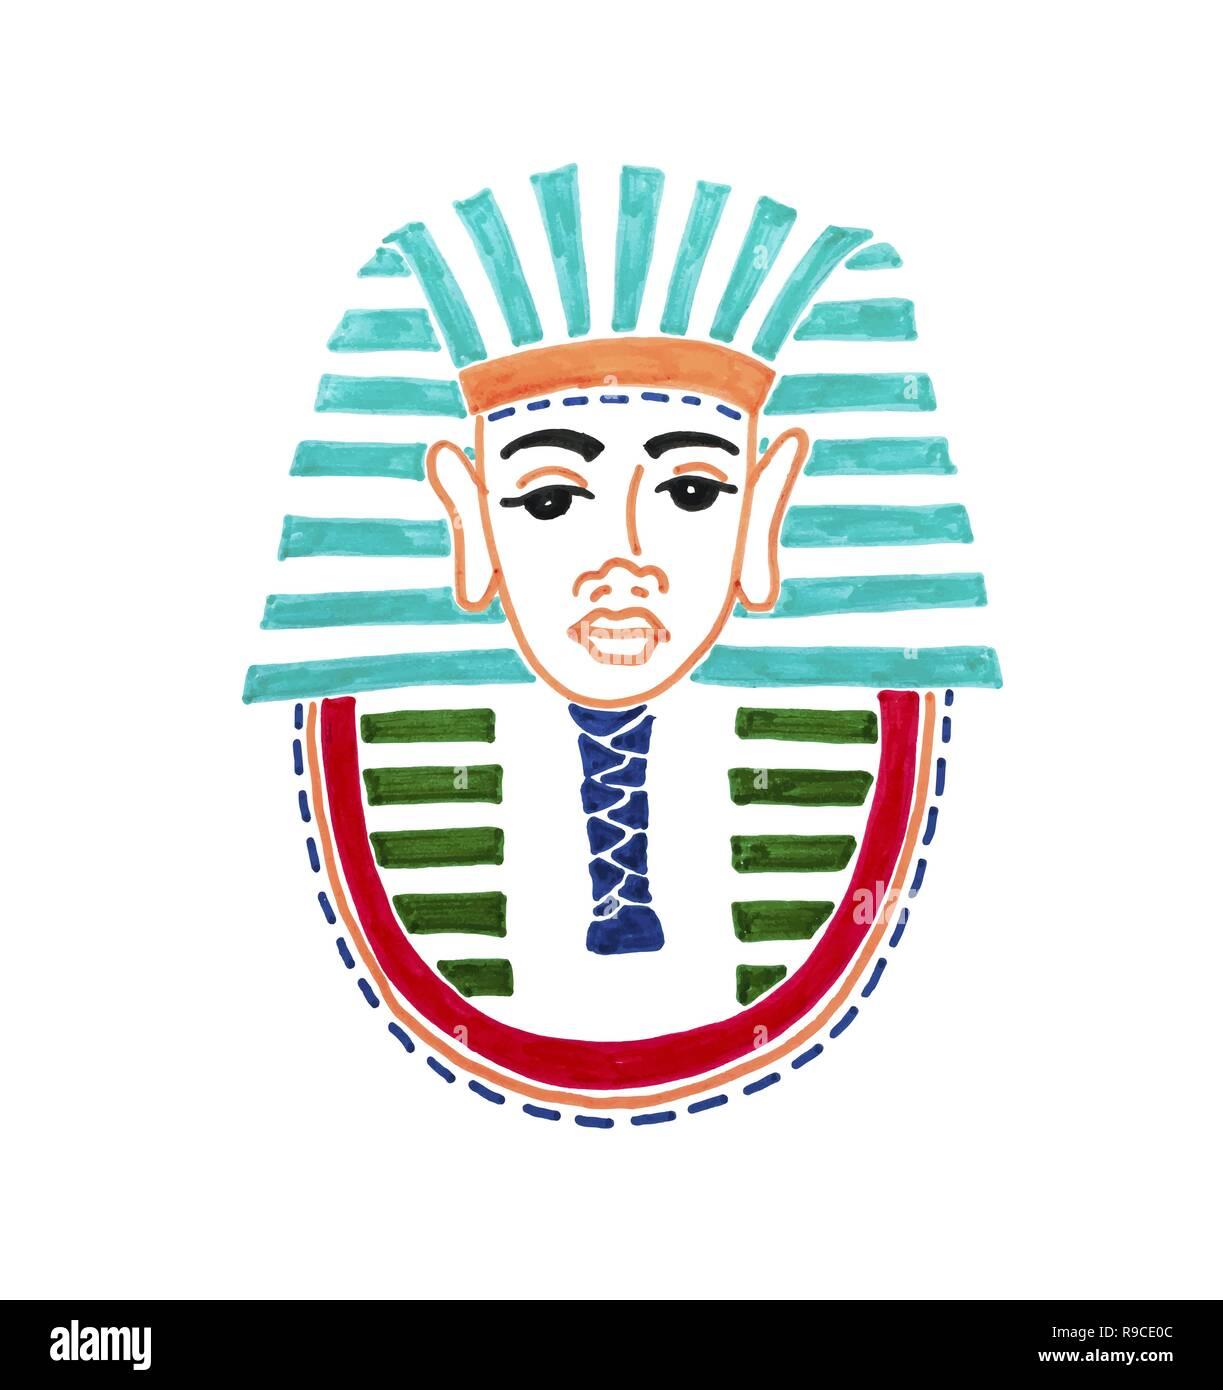 Disegno Di Un Faraone.Disegno Di Maschera Storica Del Faraone Tutankhamon Illustrazione